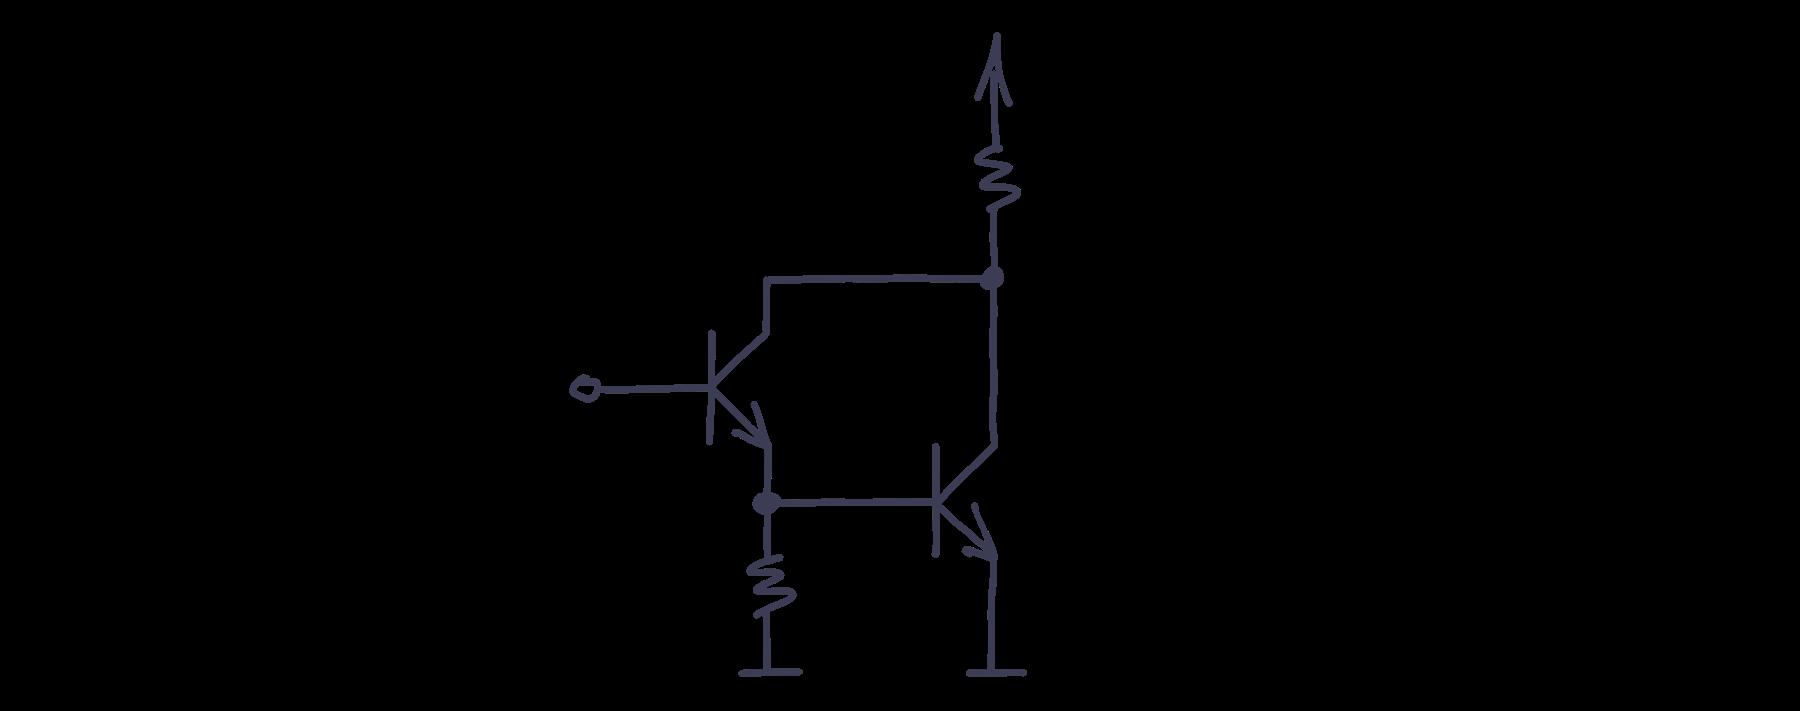 components_bjt-darlington-02.png